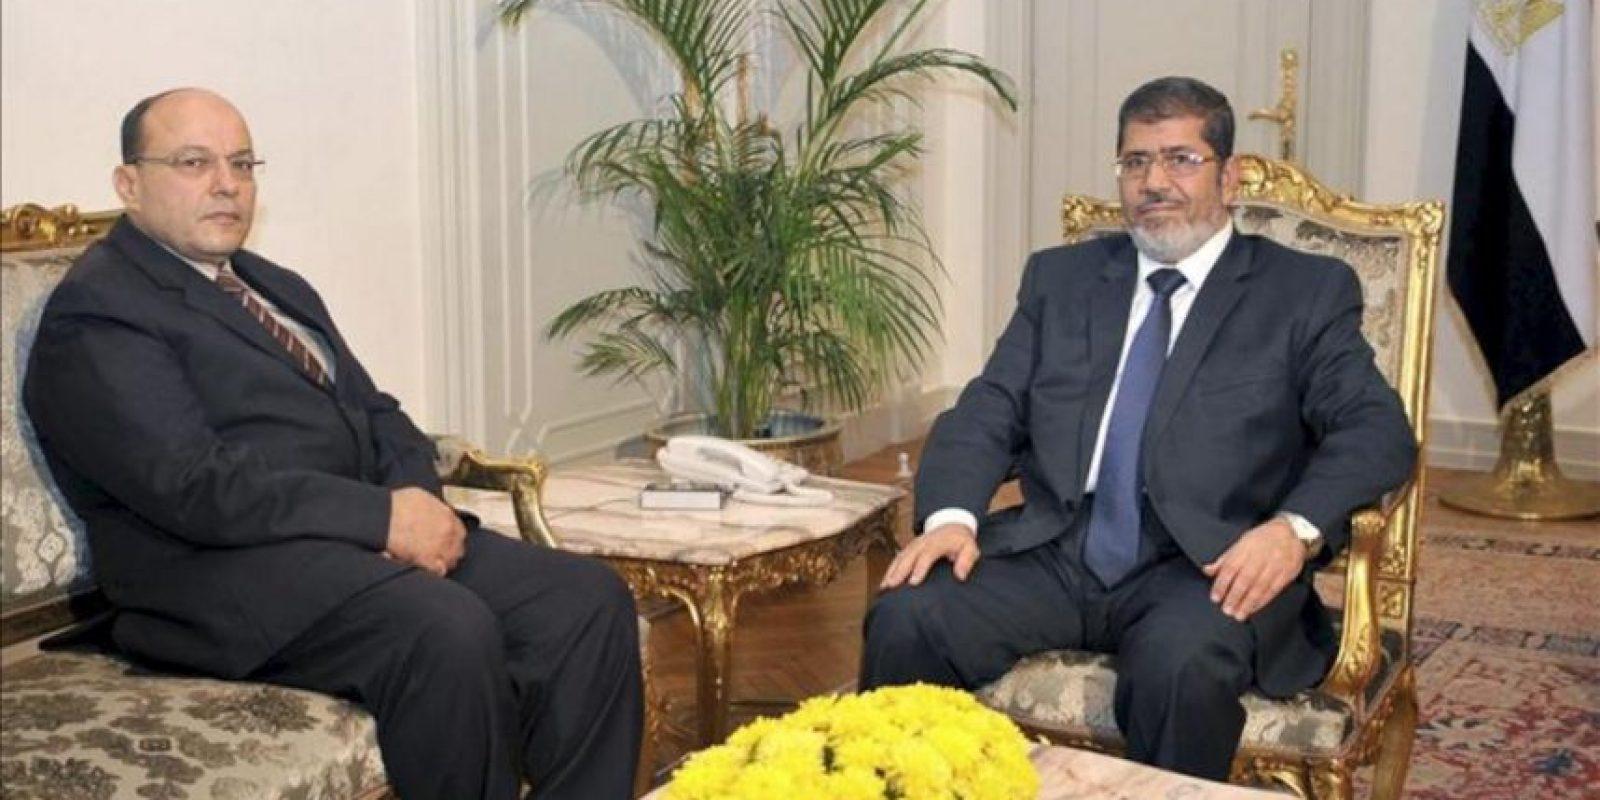 Imagen cedida por la Presidencia Egipcia del presidente Mohamed Morsi (d) se reúne con el nuevo fiscal general Talat Ibrahim (i) en El Cairo, Egipto hoy, jueves 22 de noviembre de 2012. EFE